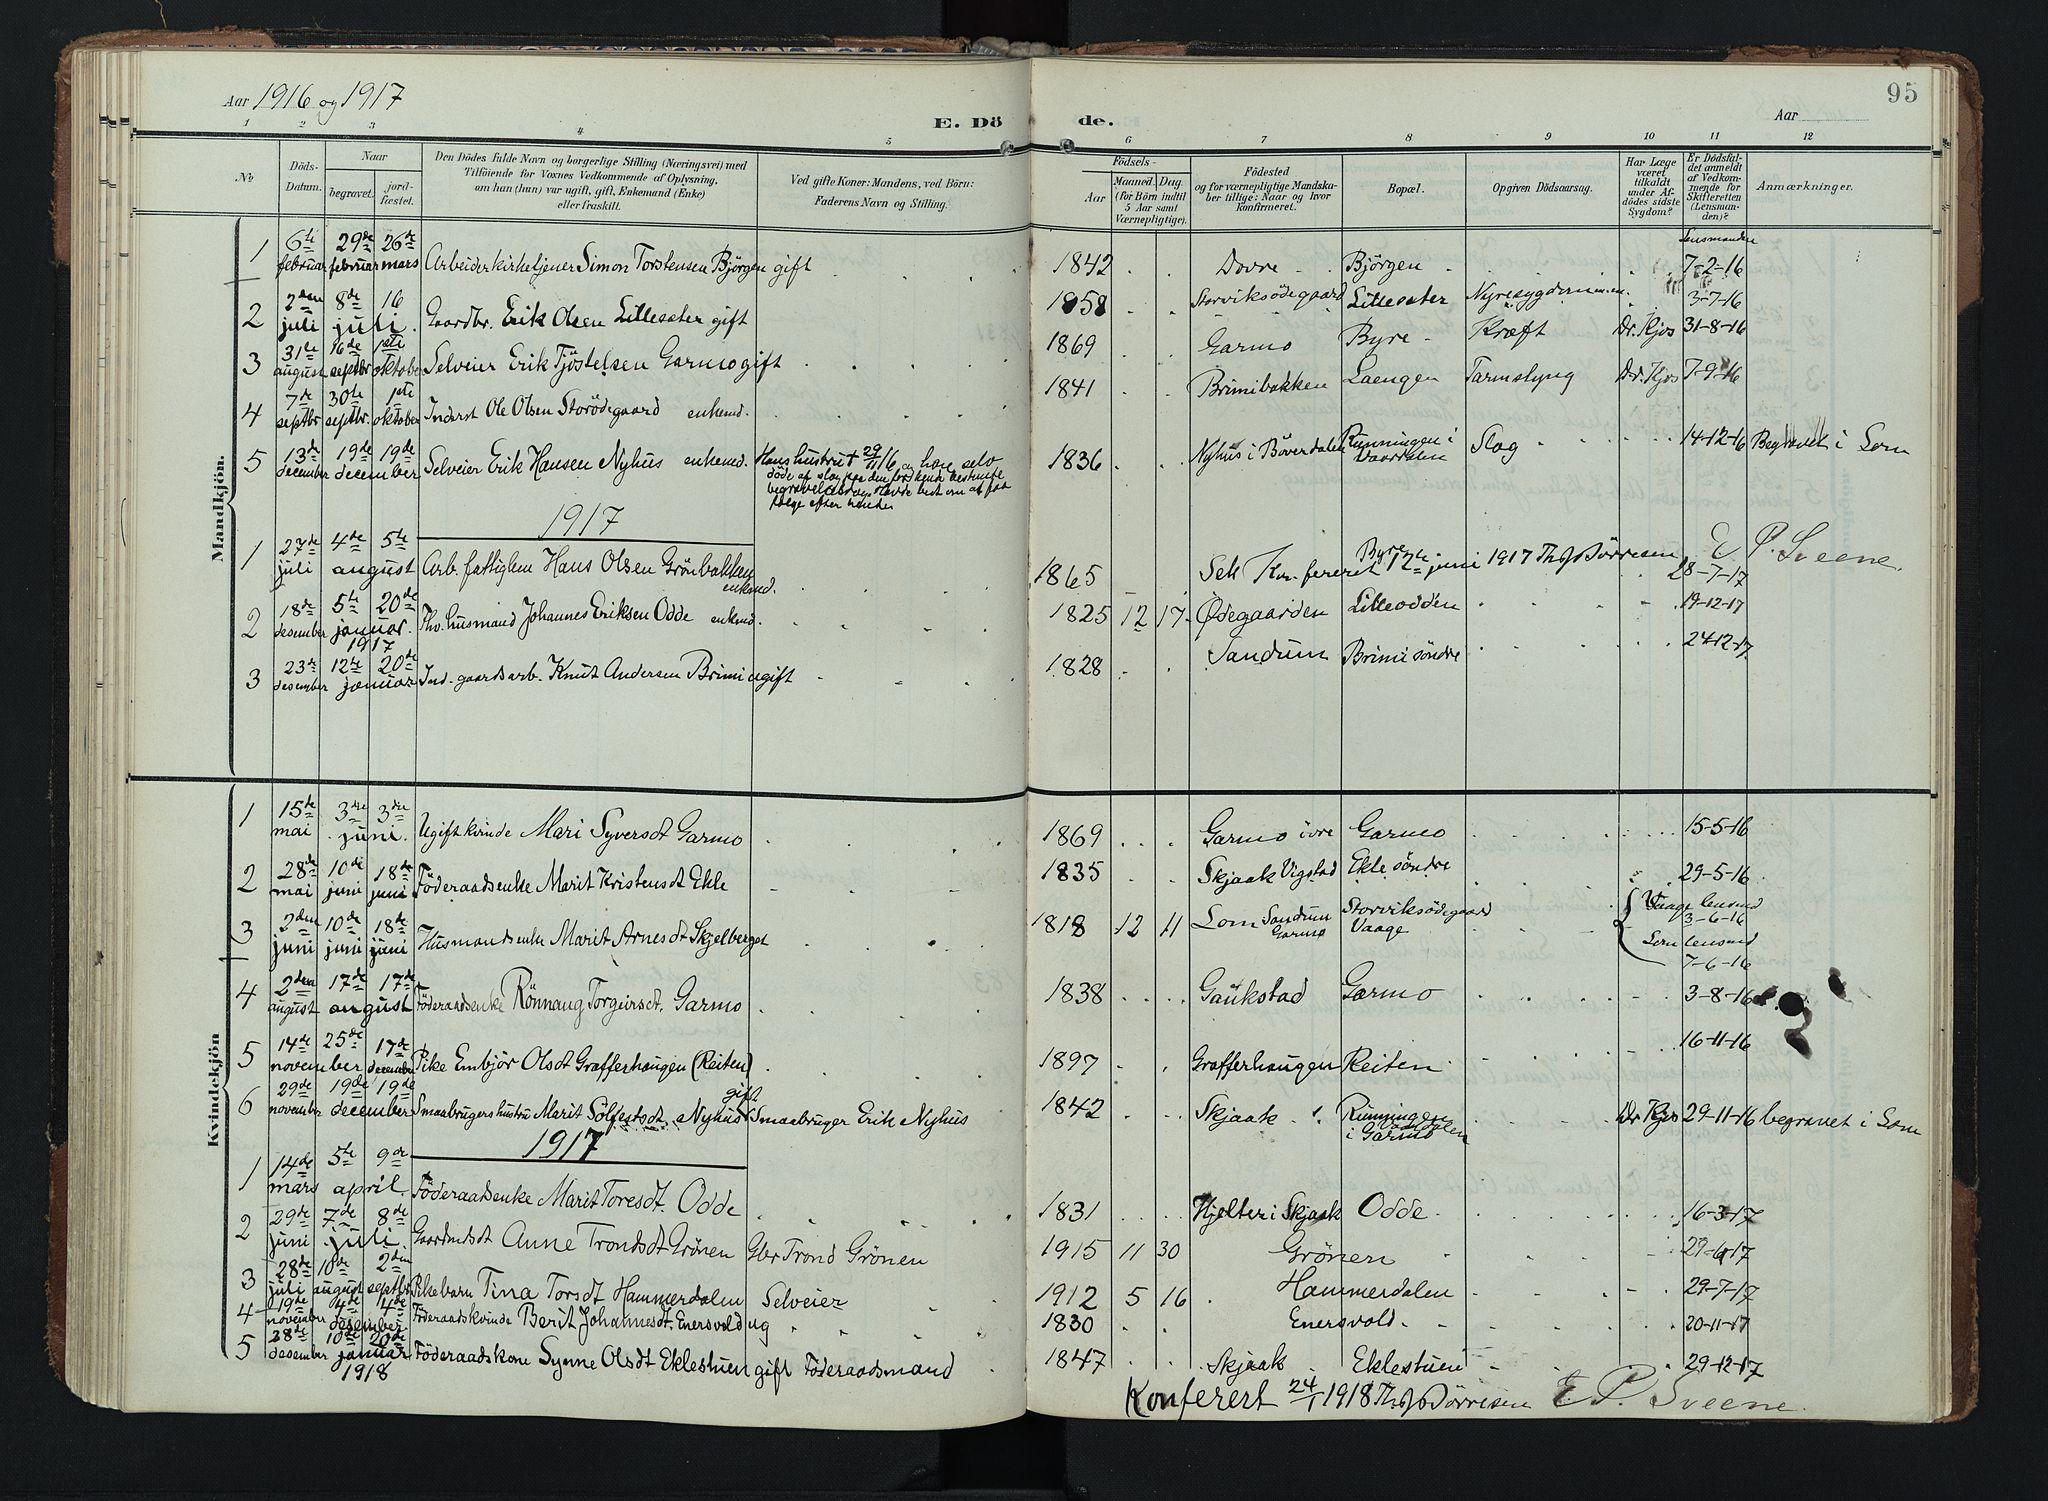 SAH, Lom prestekontor, K/L0011: Ministerialbok nr. 11, 1904-1928, s. 95